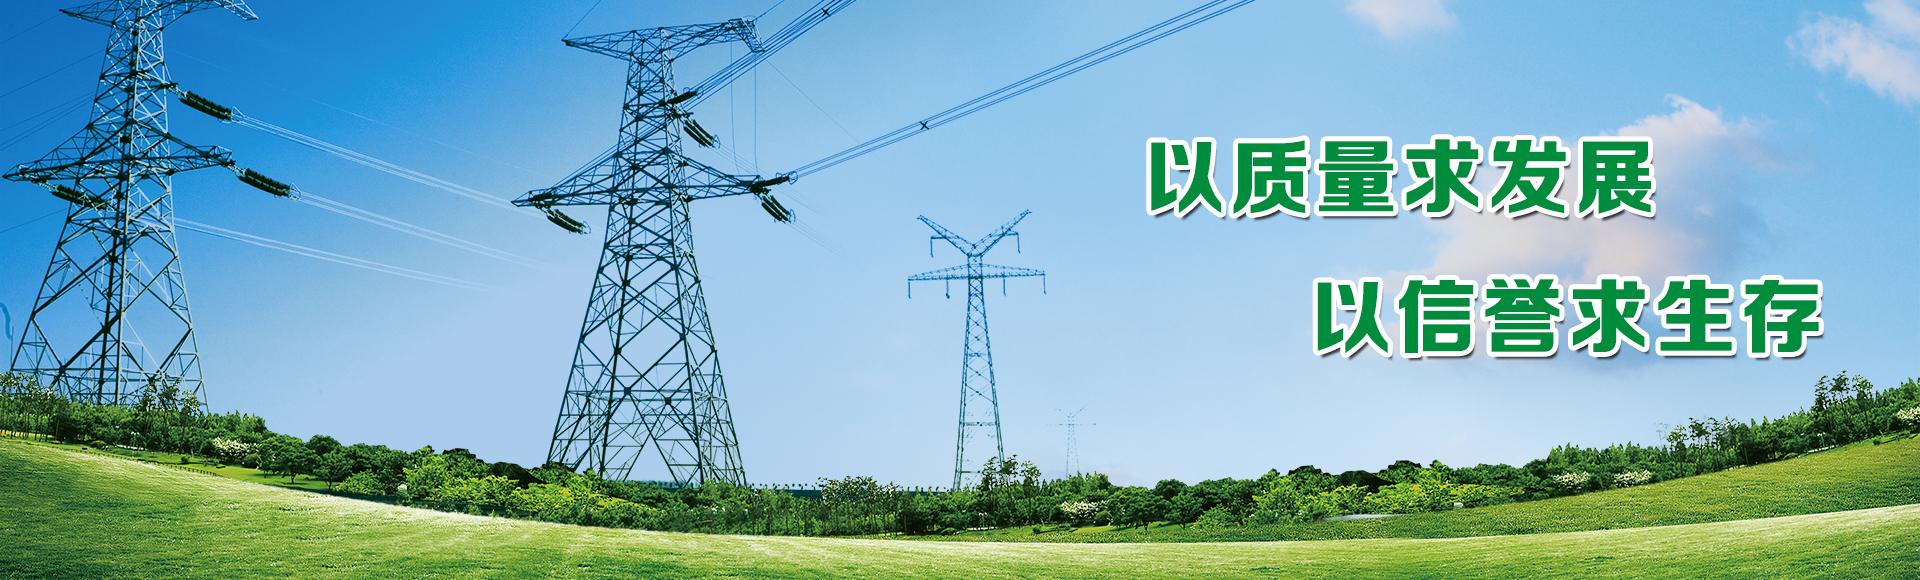 控制电缆价格_上海万普线缆有限公司